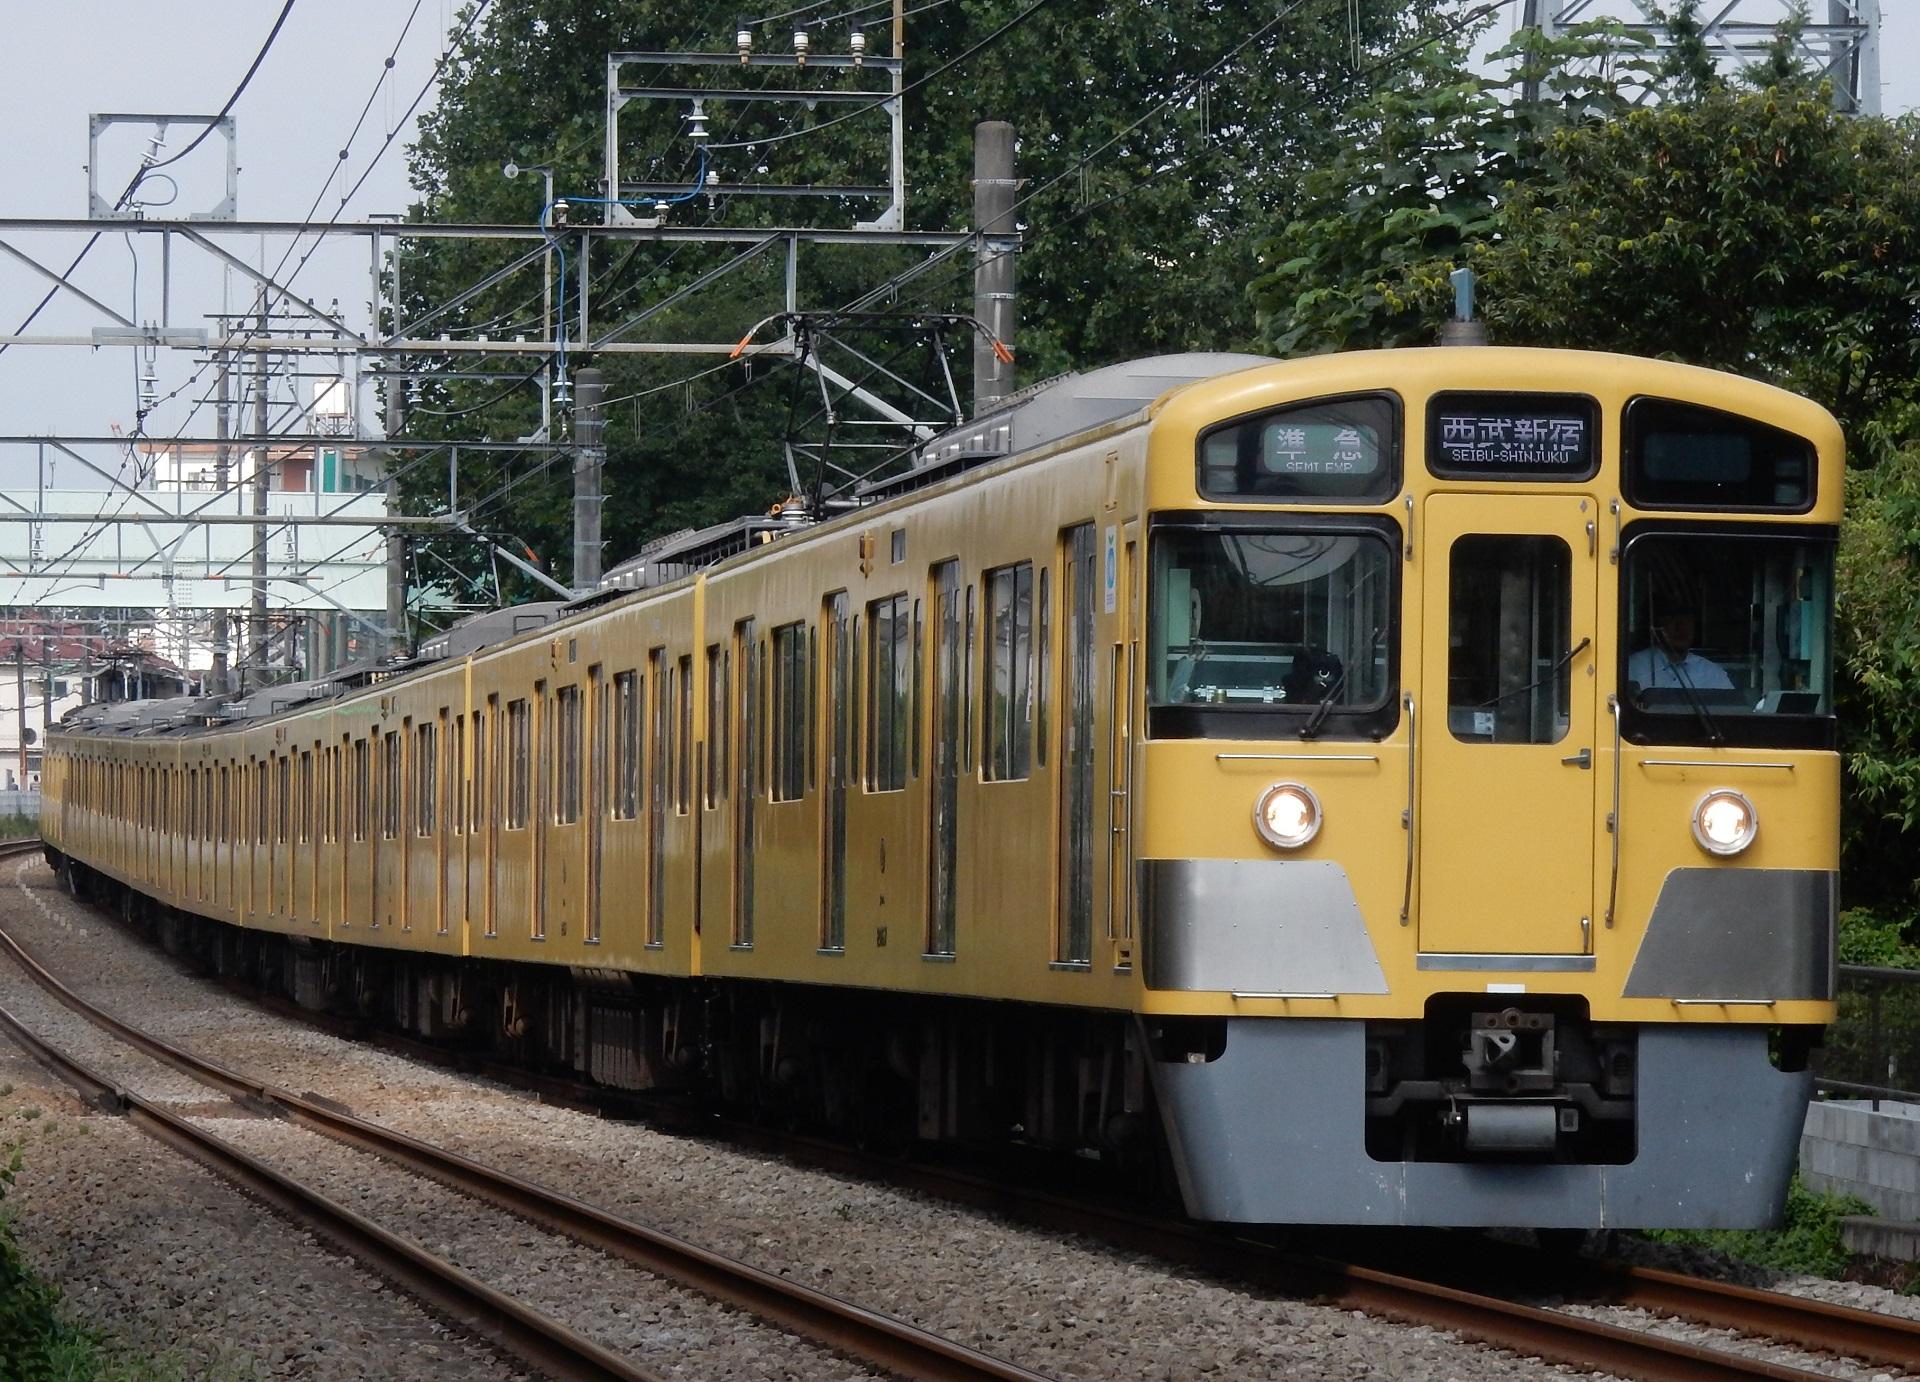 DSCN4981 - コピー